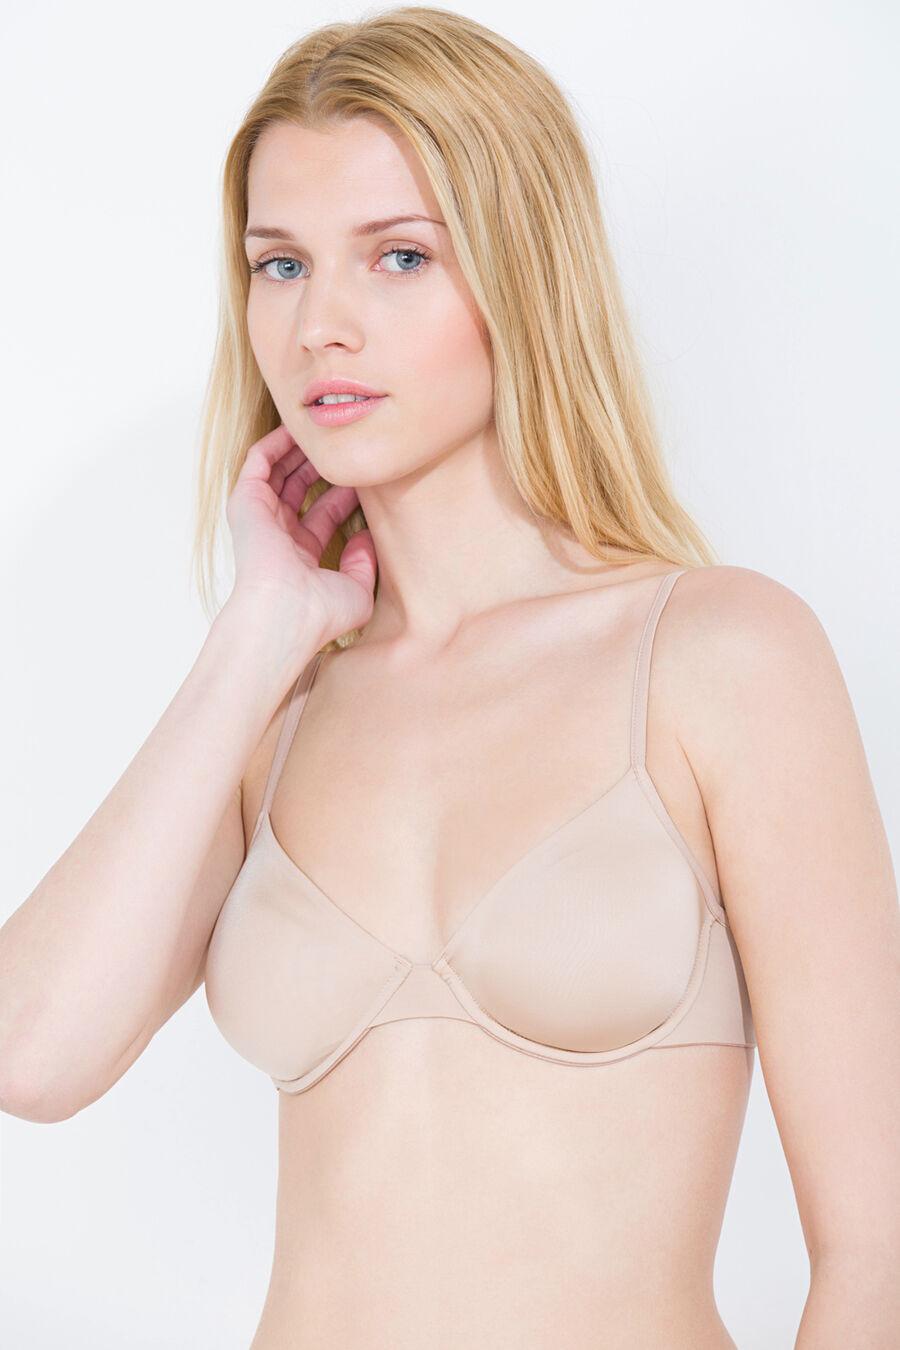 Underiwired bra